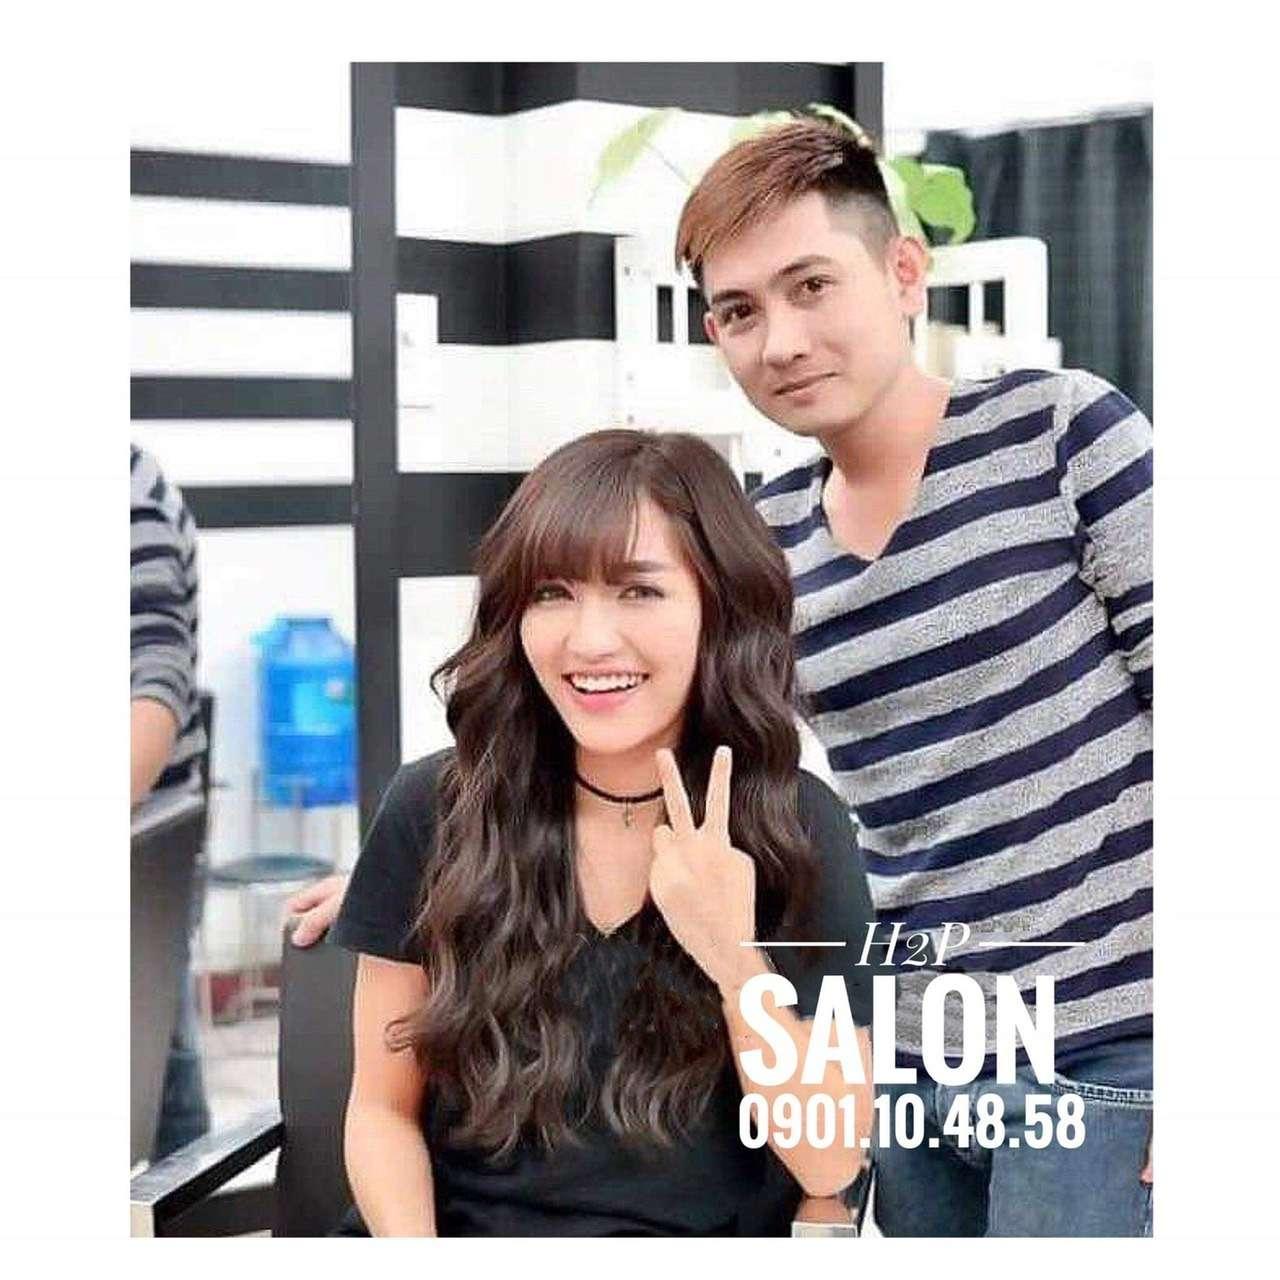 HAIR SALON H2P 7